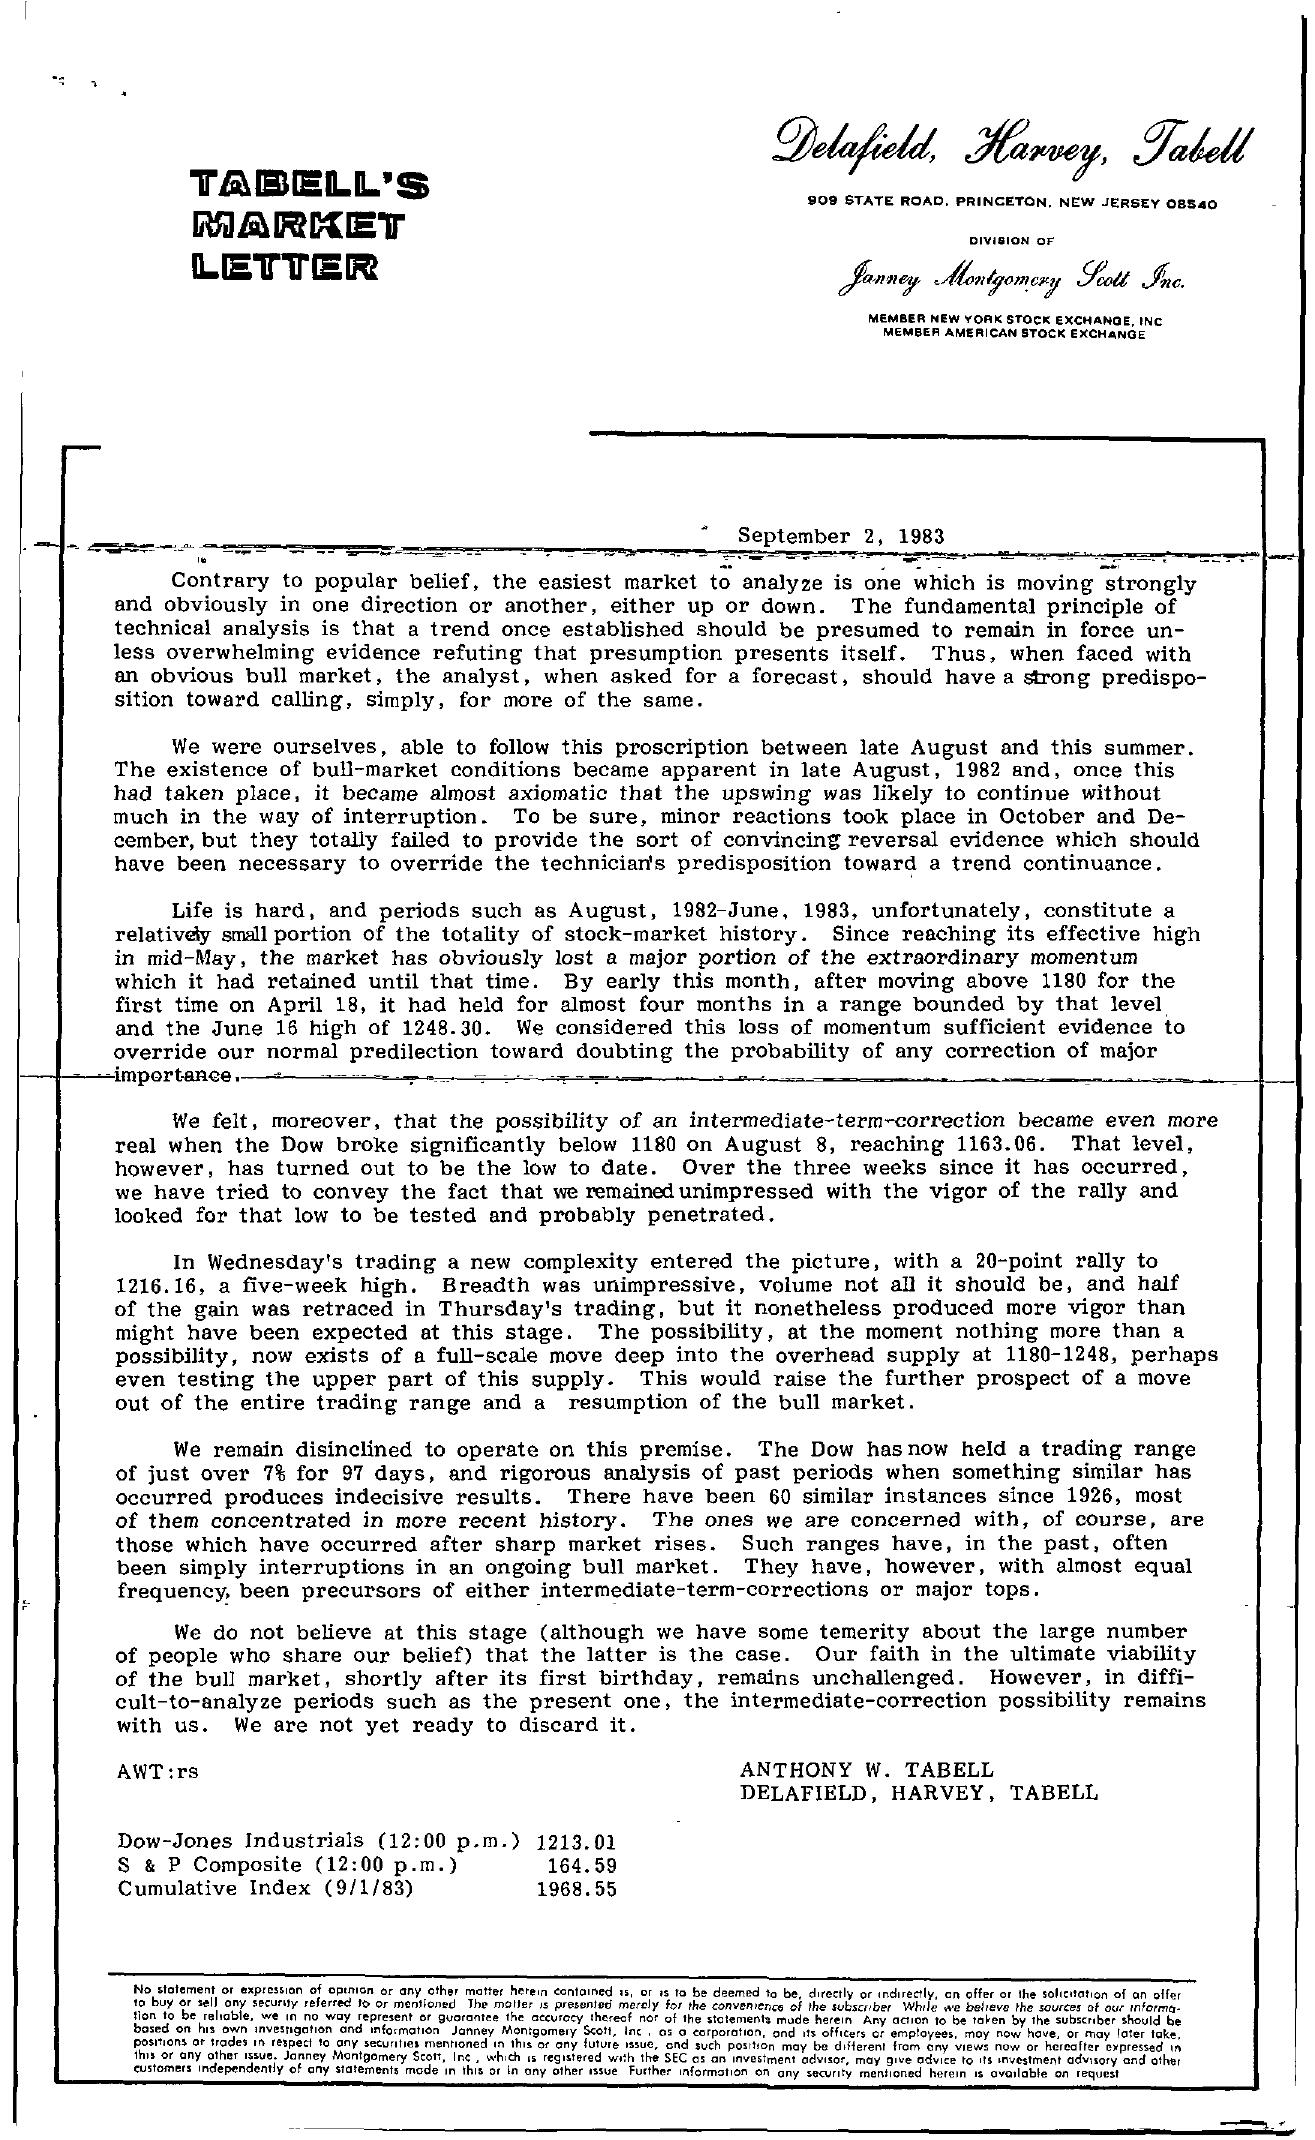 Tabell's Market Letter - September 02, 1983